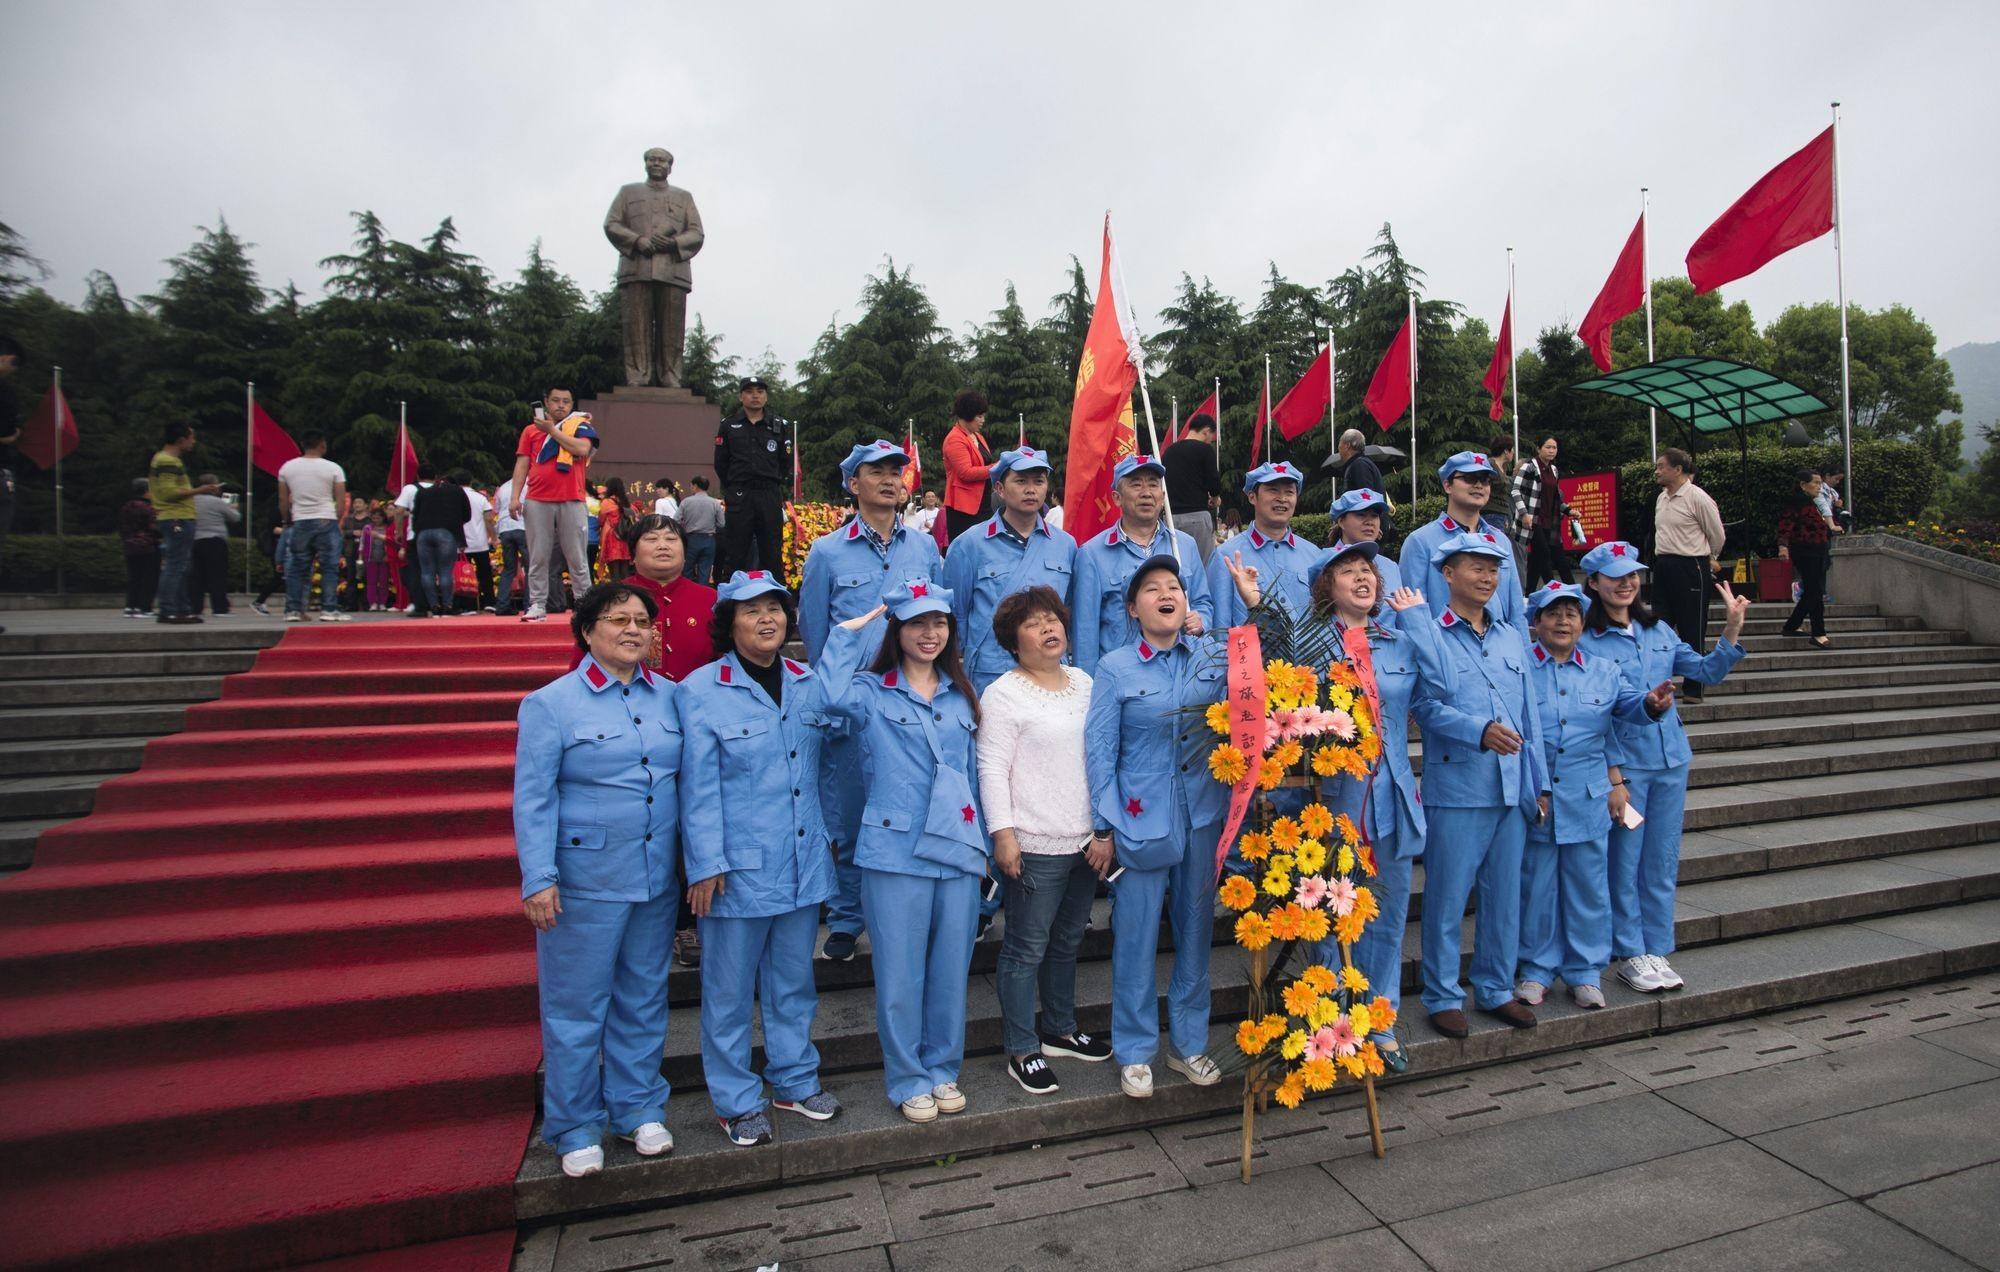 Le « tourisme rouge », une réinterprétation de l'histoire du maoïsme